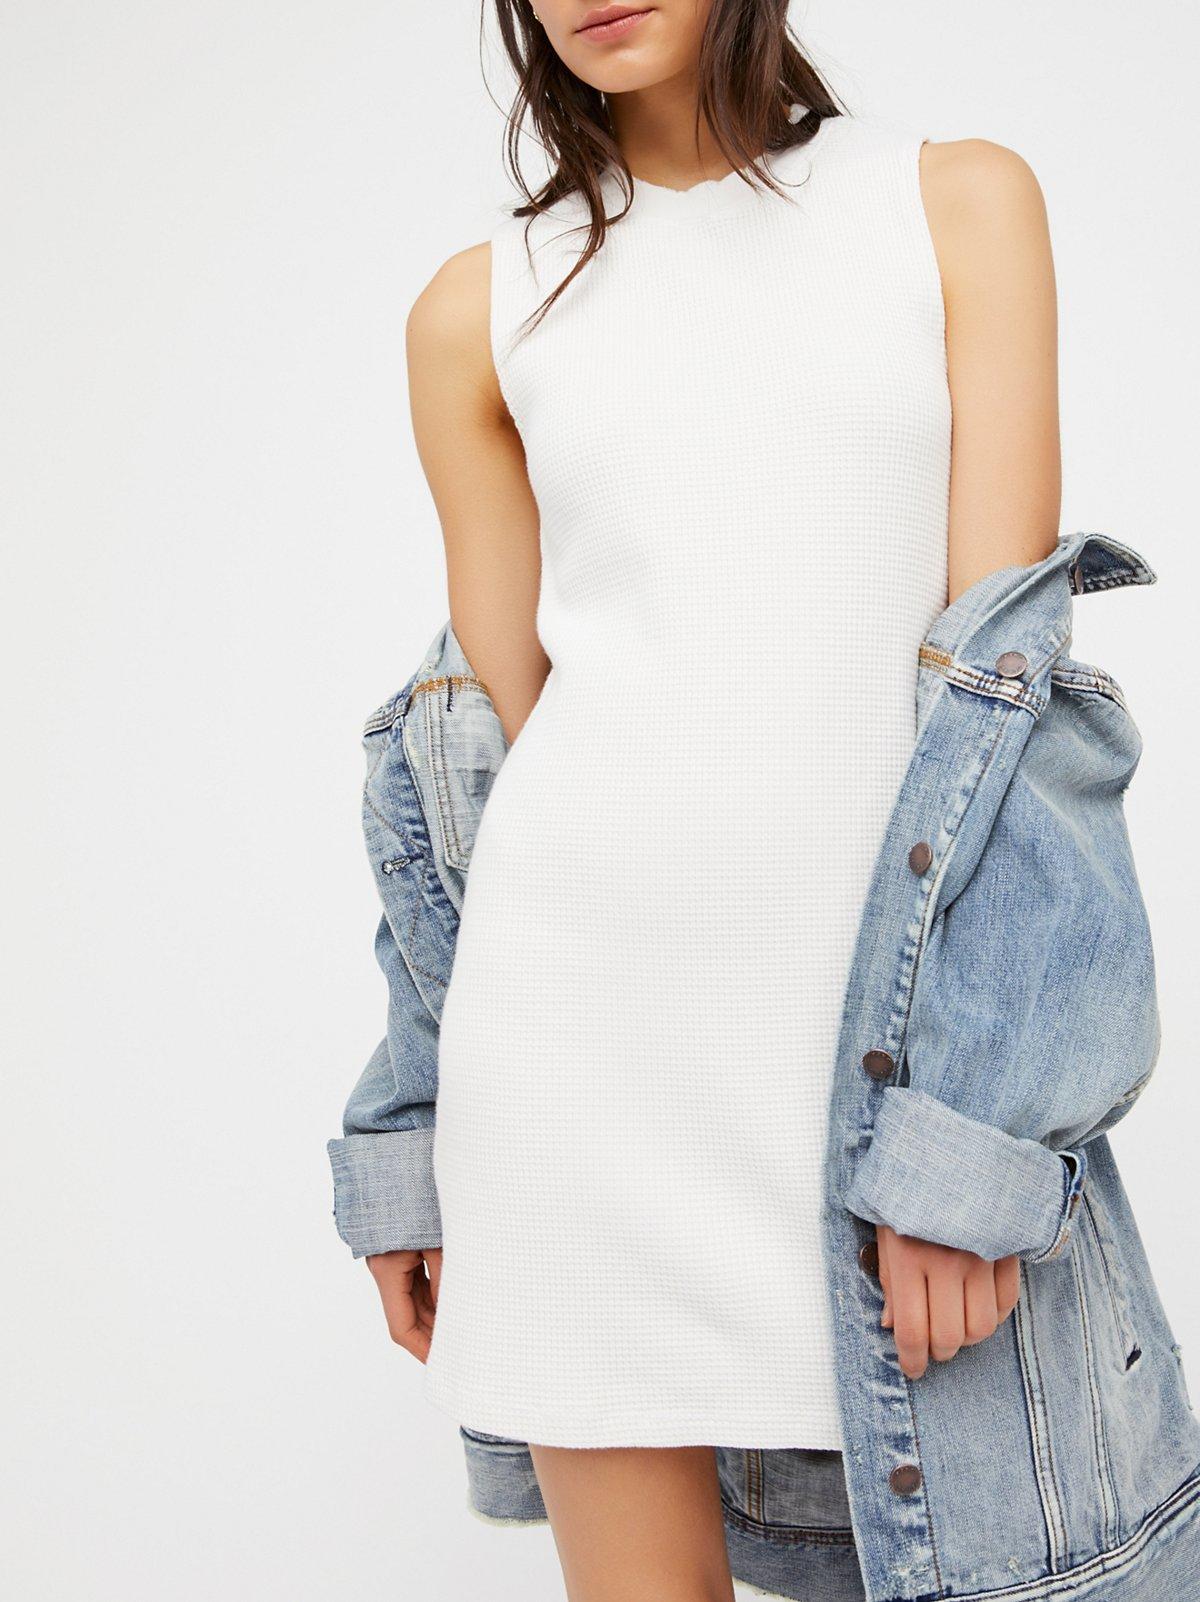 Oh My, Those Tight Dresses (57 pics) - Izismile.com